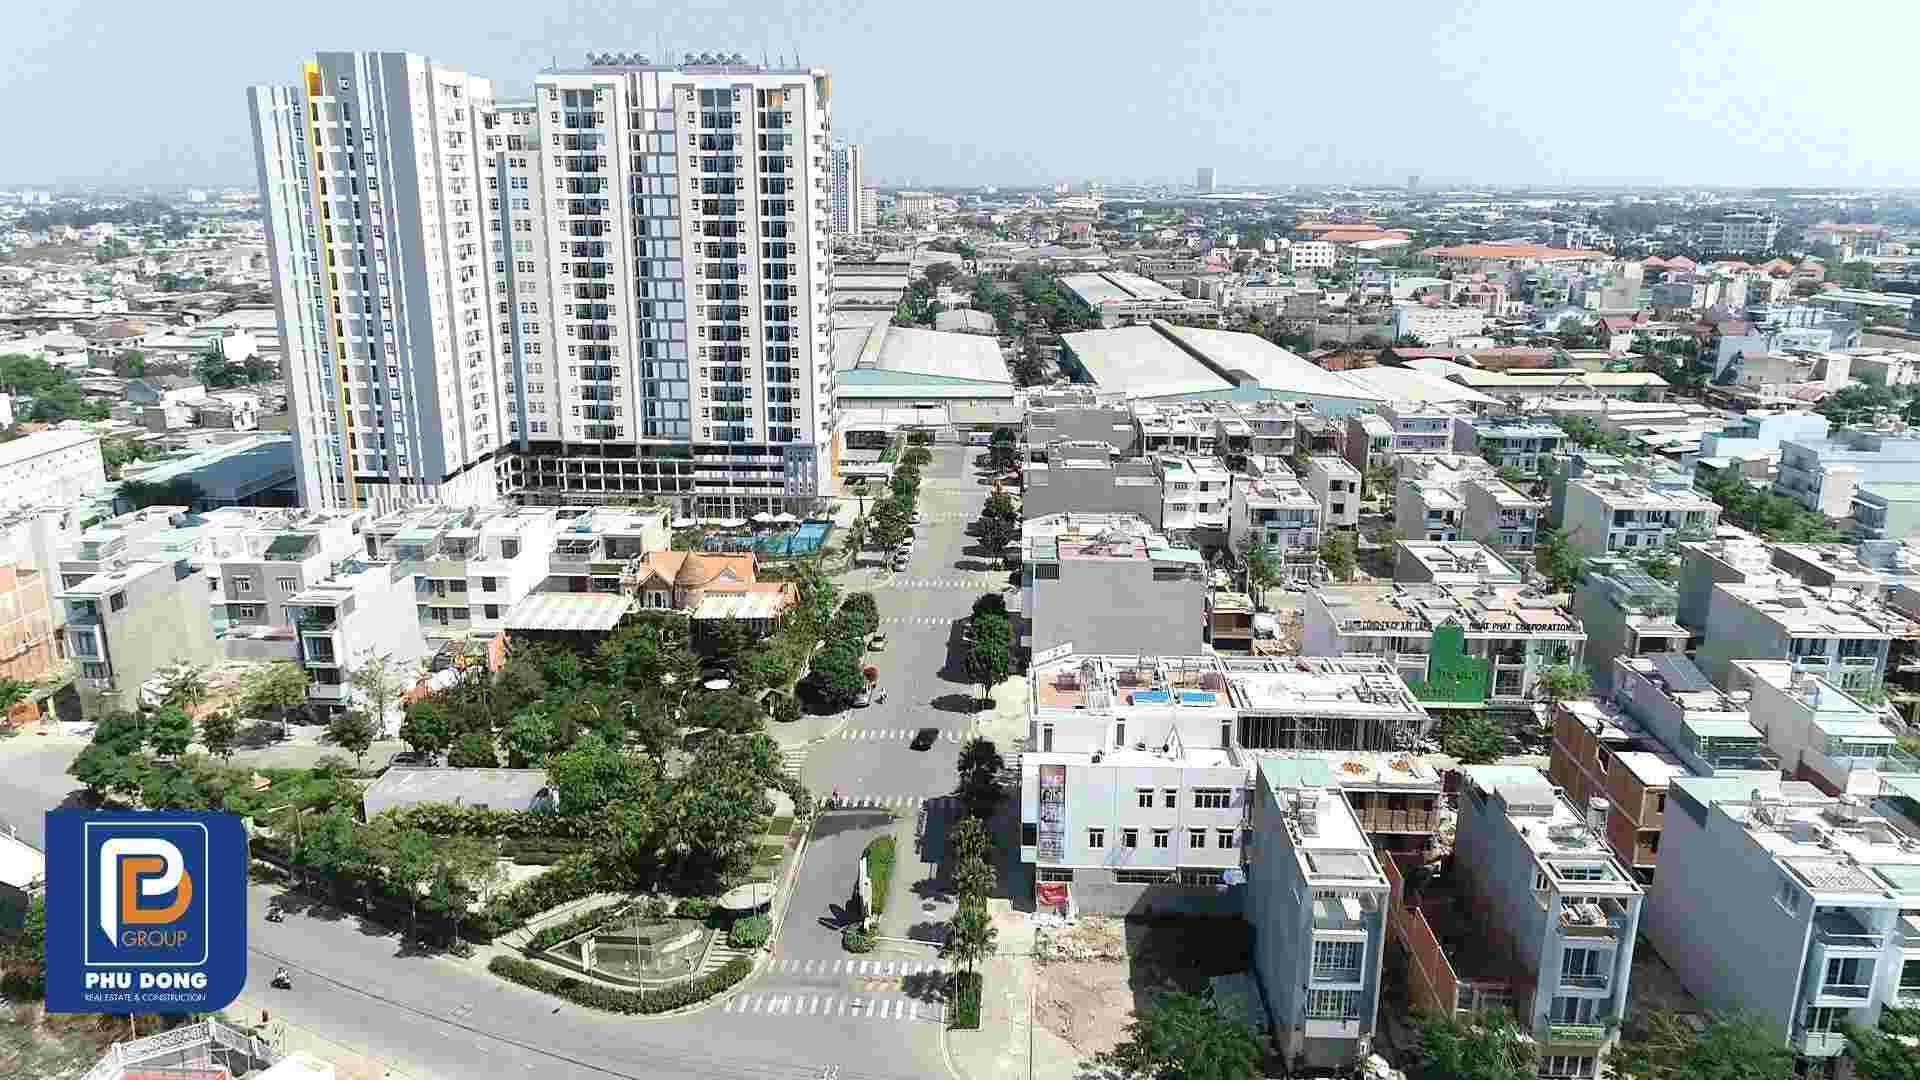 Khu dân cư cao cấp Him Lam Phú Đông